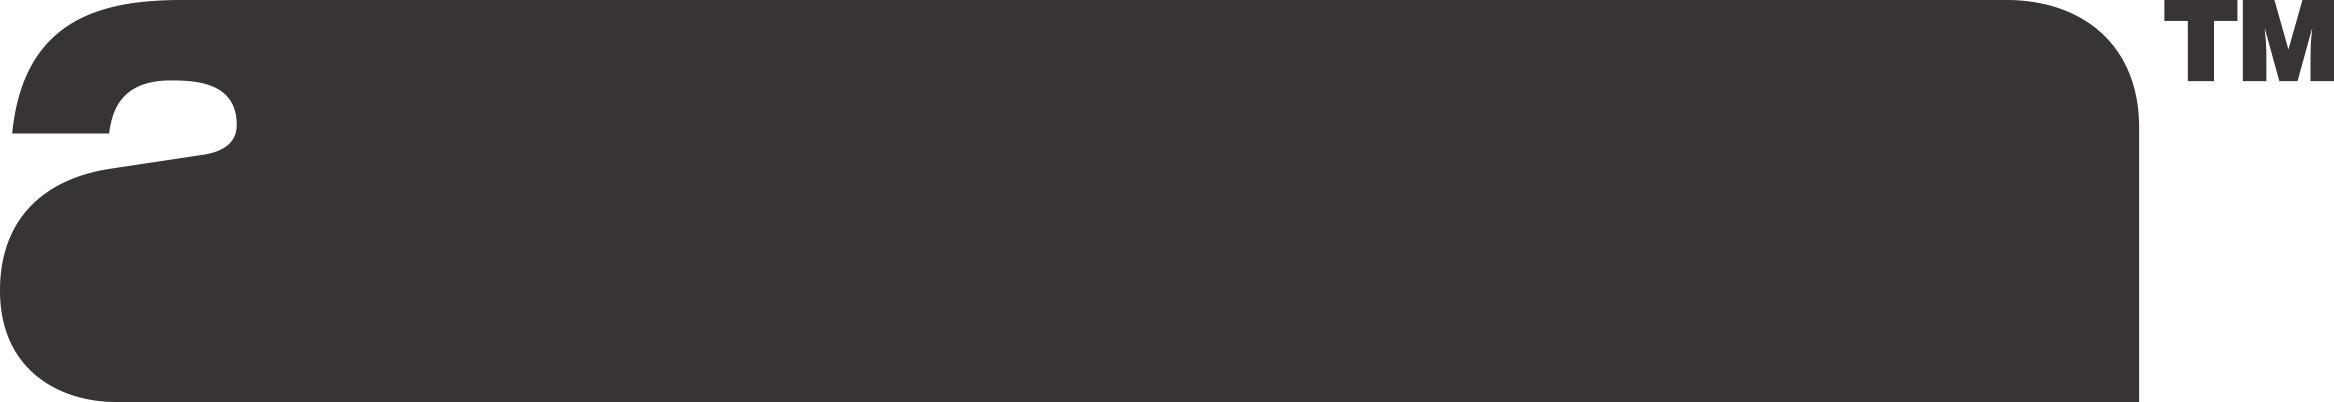 AnonimTM logo